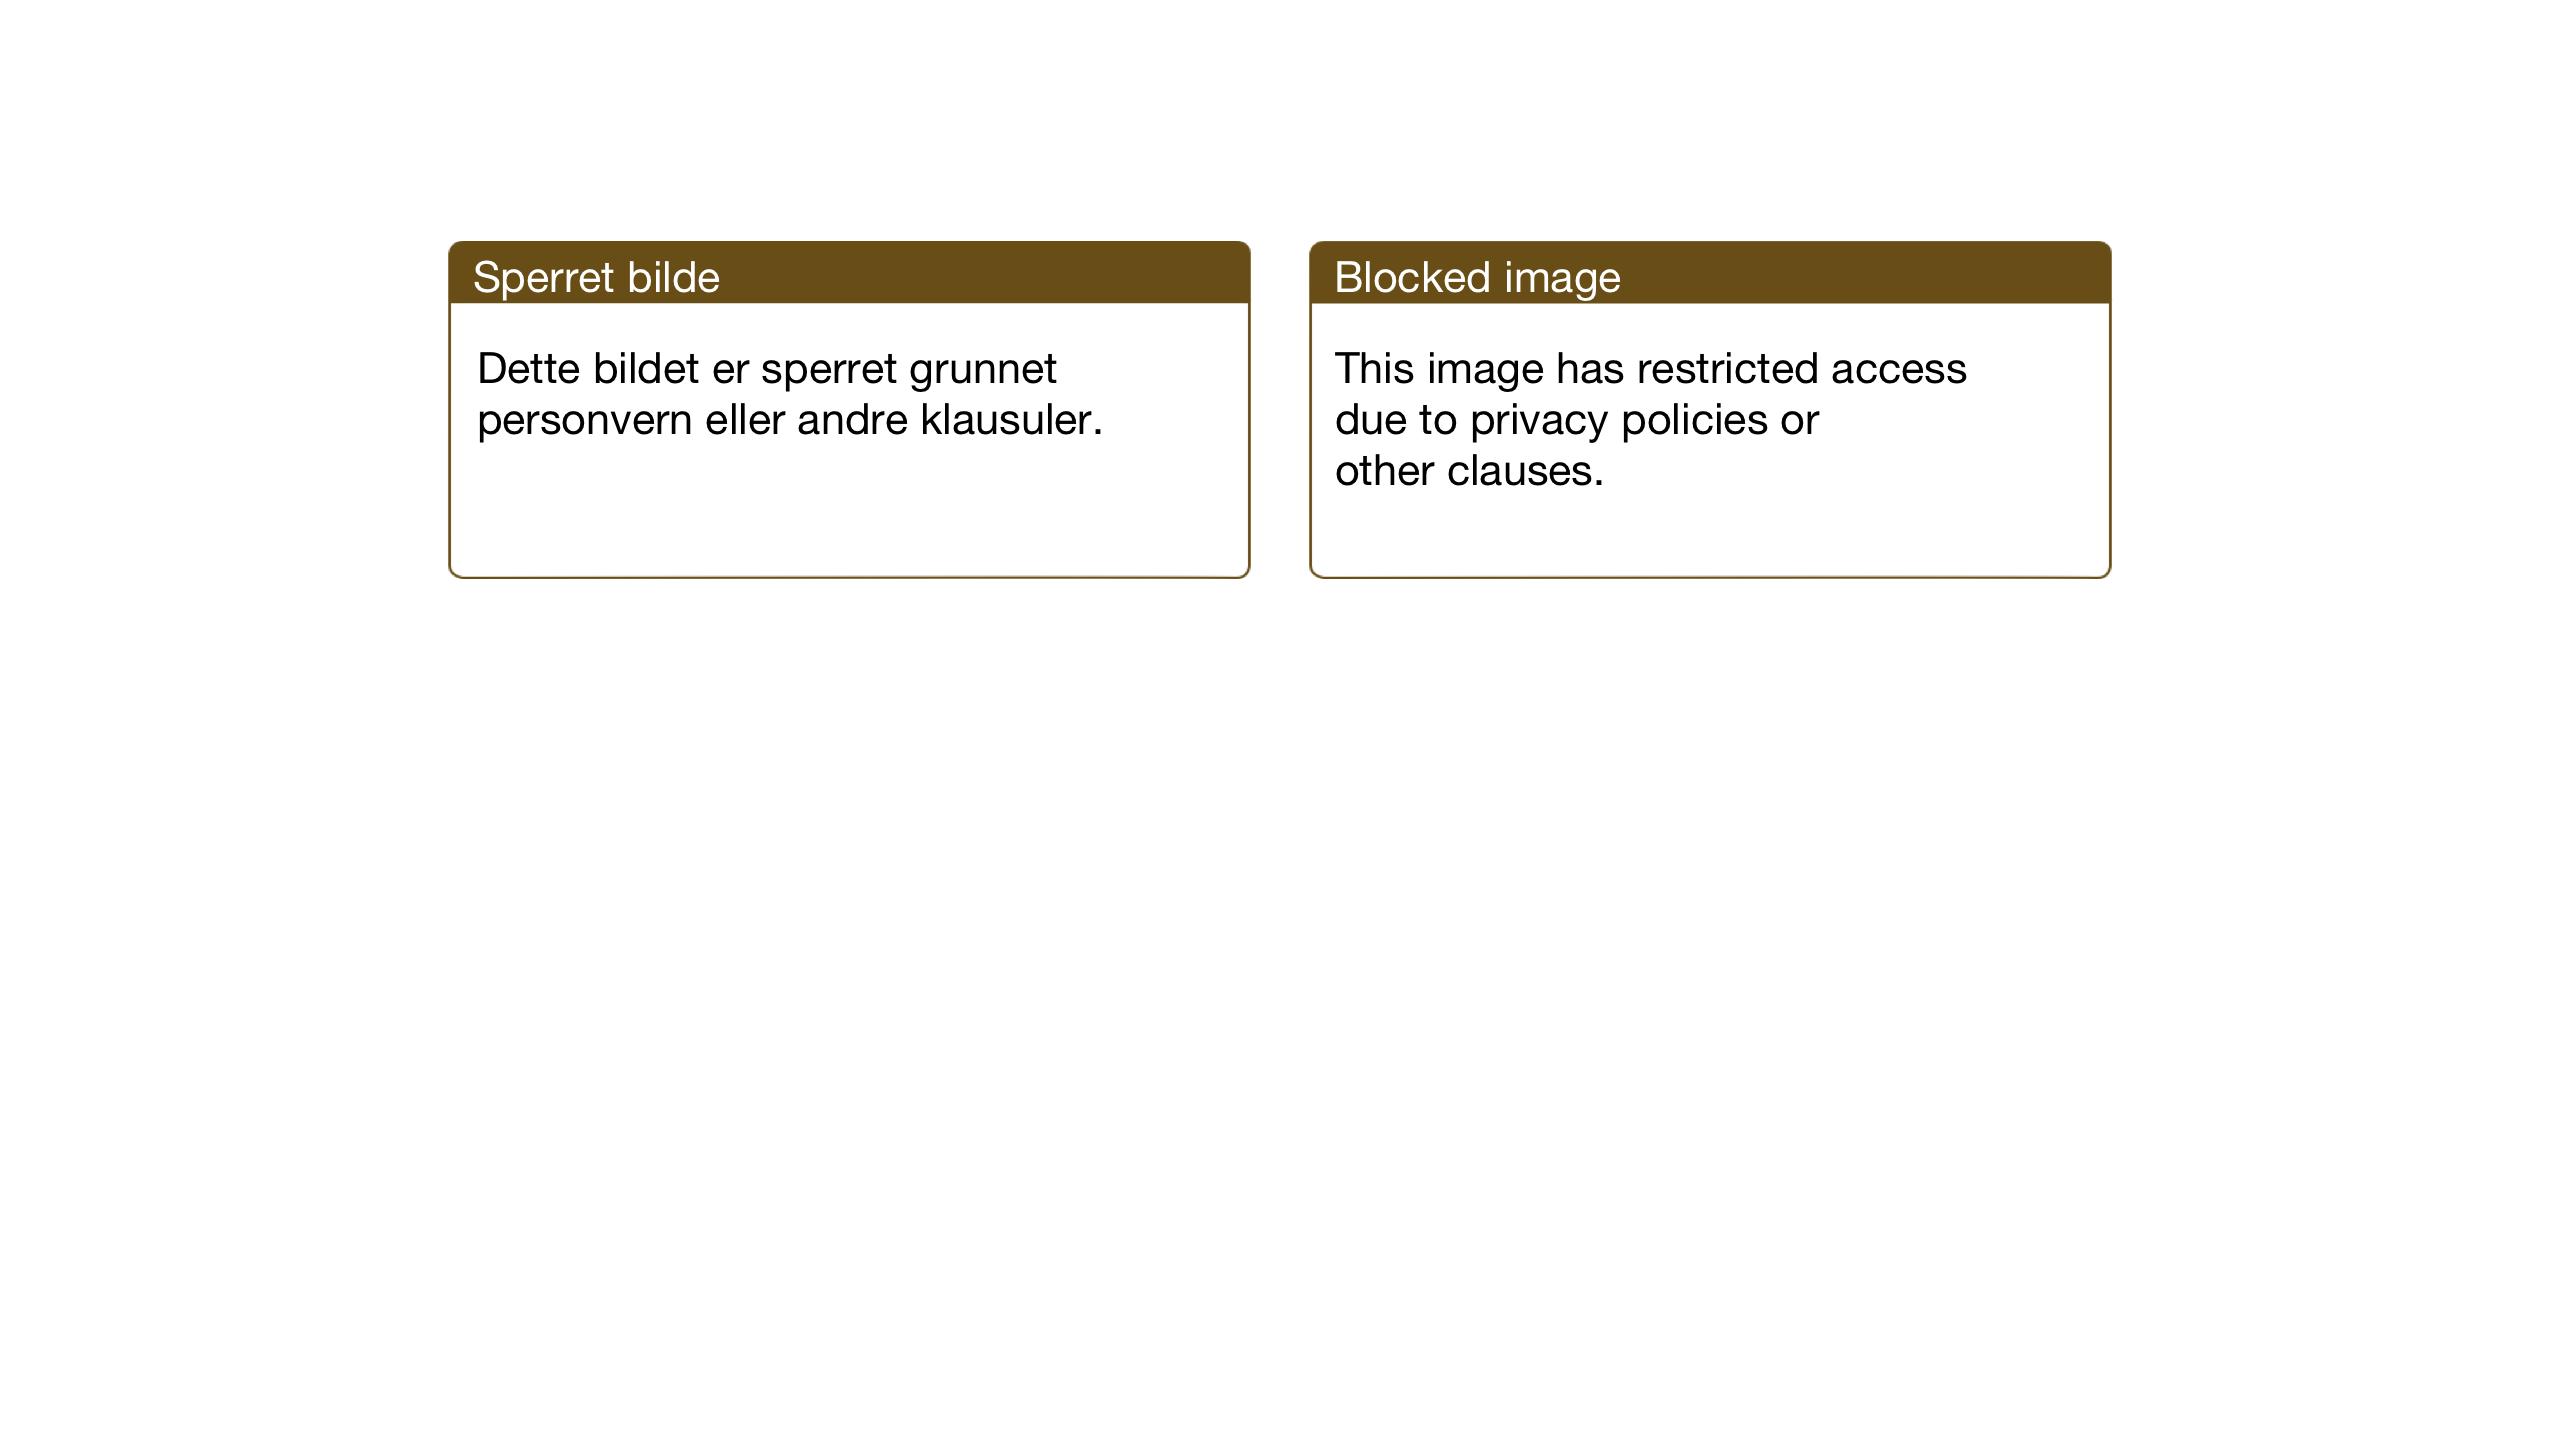 SAT, Ministerialprotokoller, klokkerbøker og fødselsregistre - Sør-Trøndelag, 681/L0944: Klokkerbok nr. 681C08, 1926-1954, s. 55